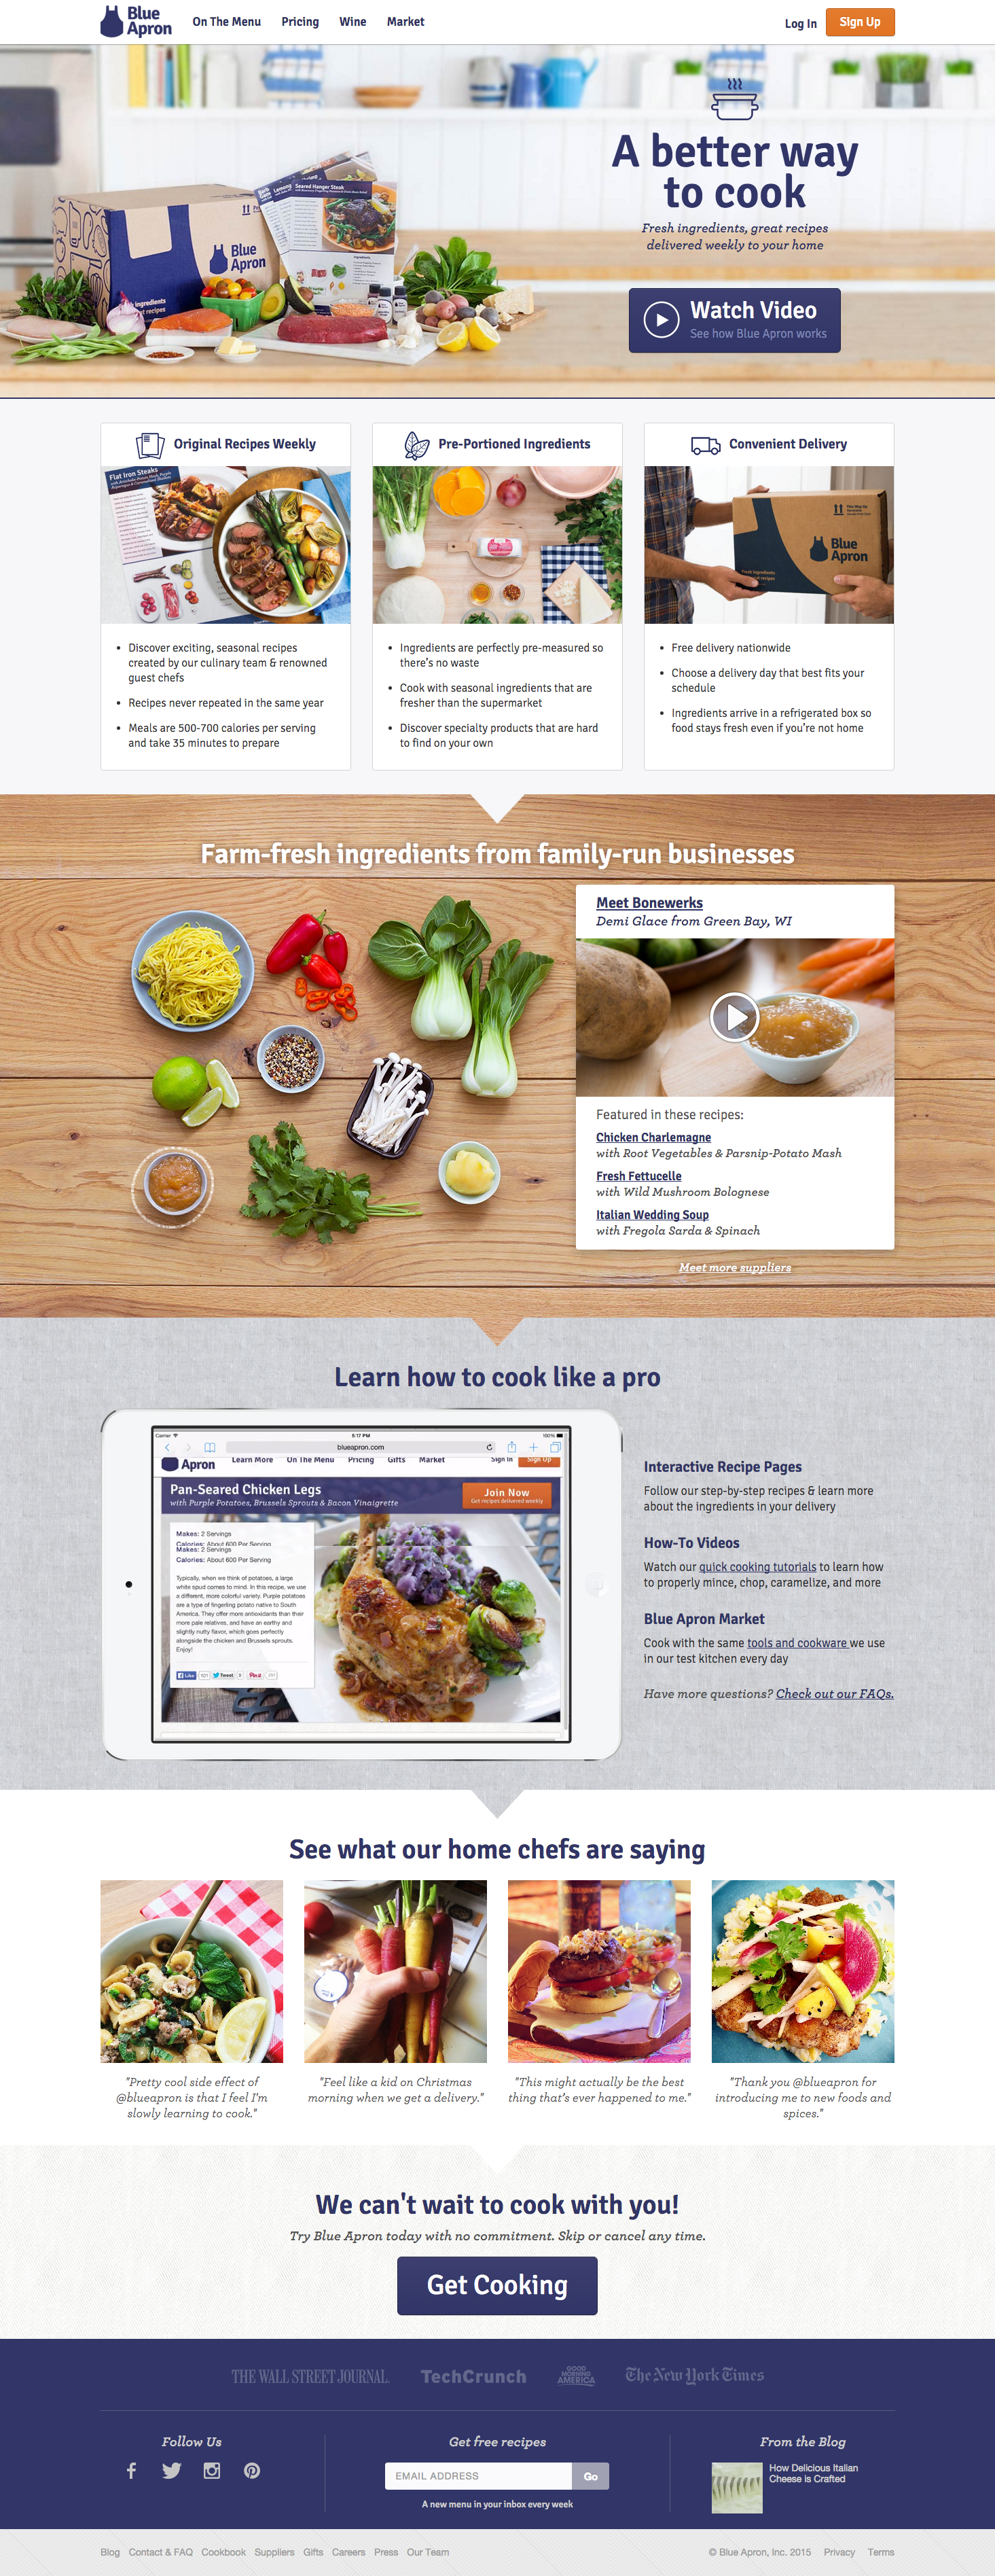 Blue apron target market - Blue Apron Landing Page Ux 10 1 2015 Ux Landingpage Blueapron